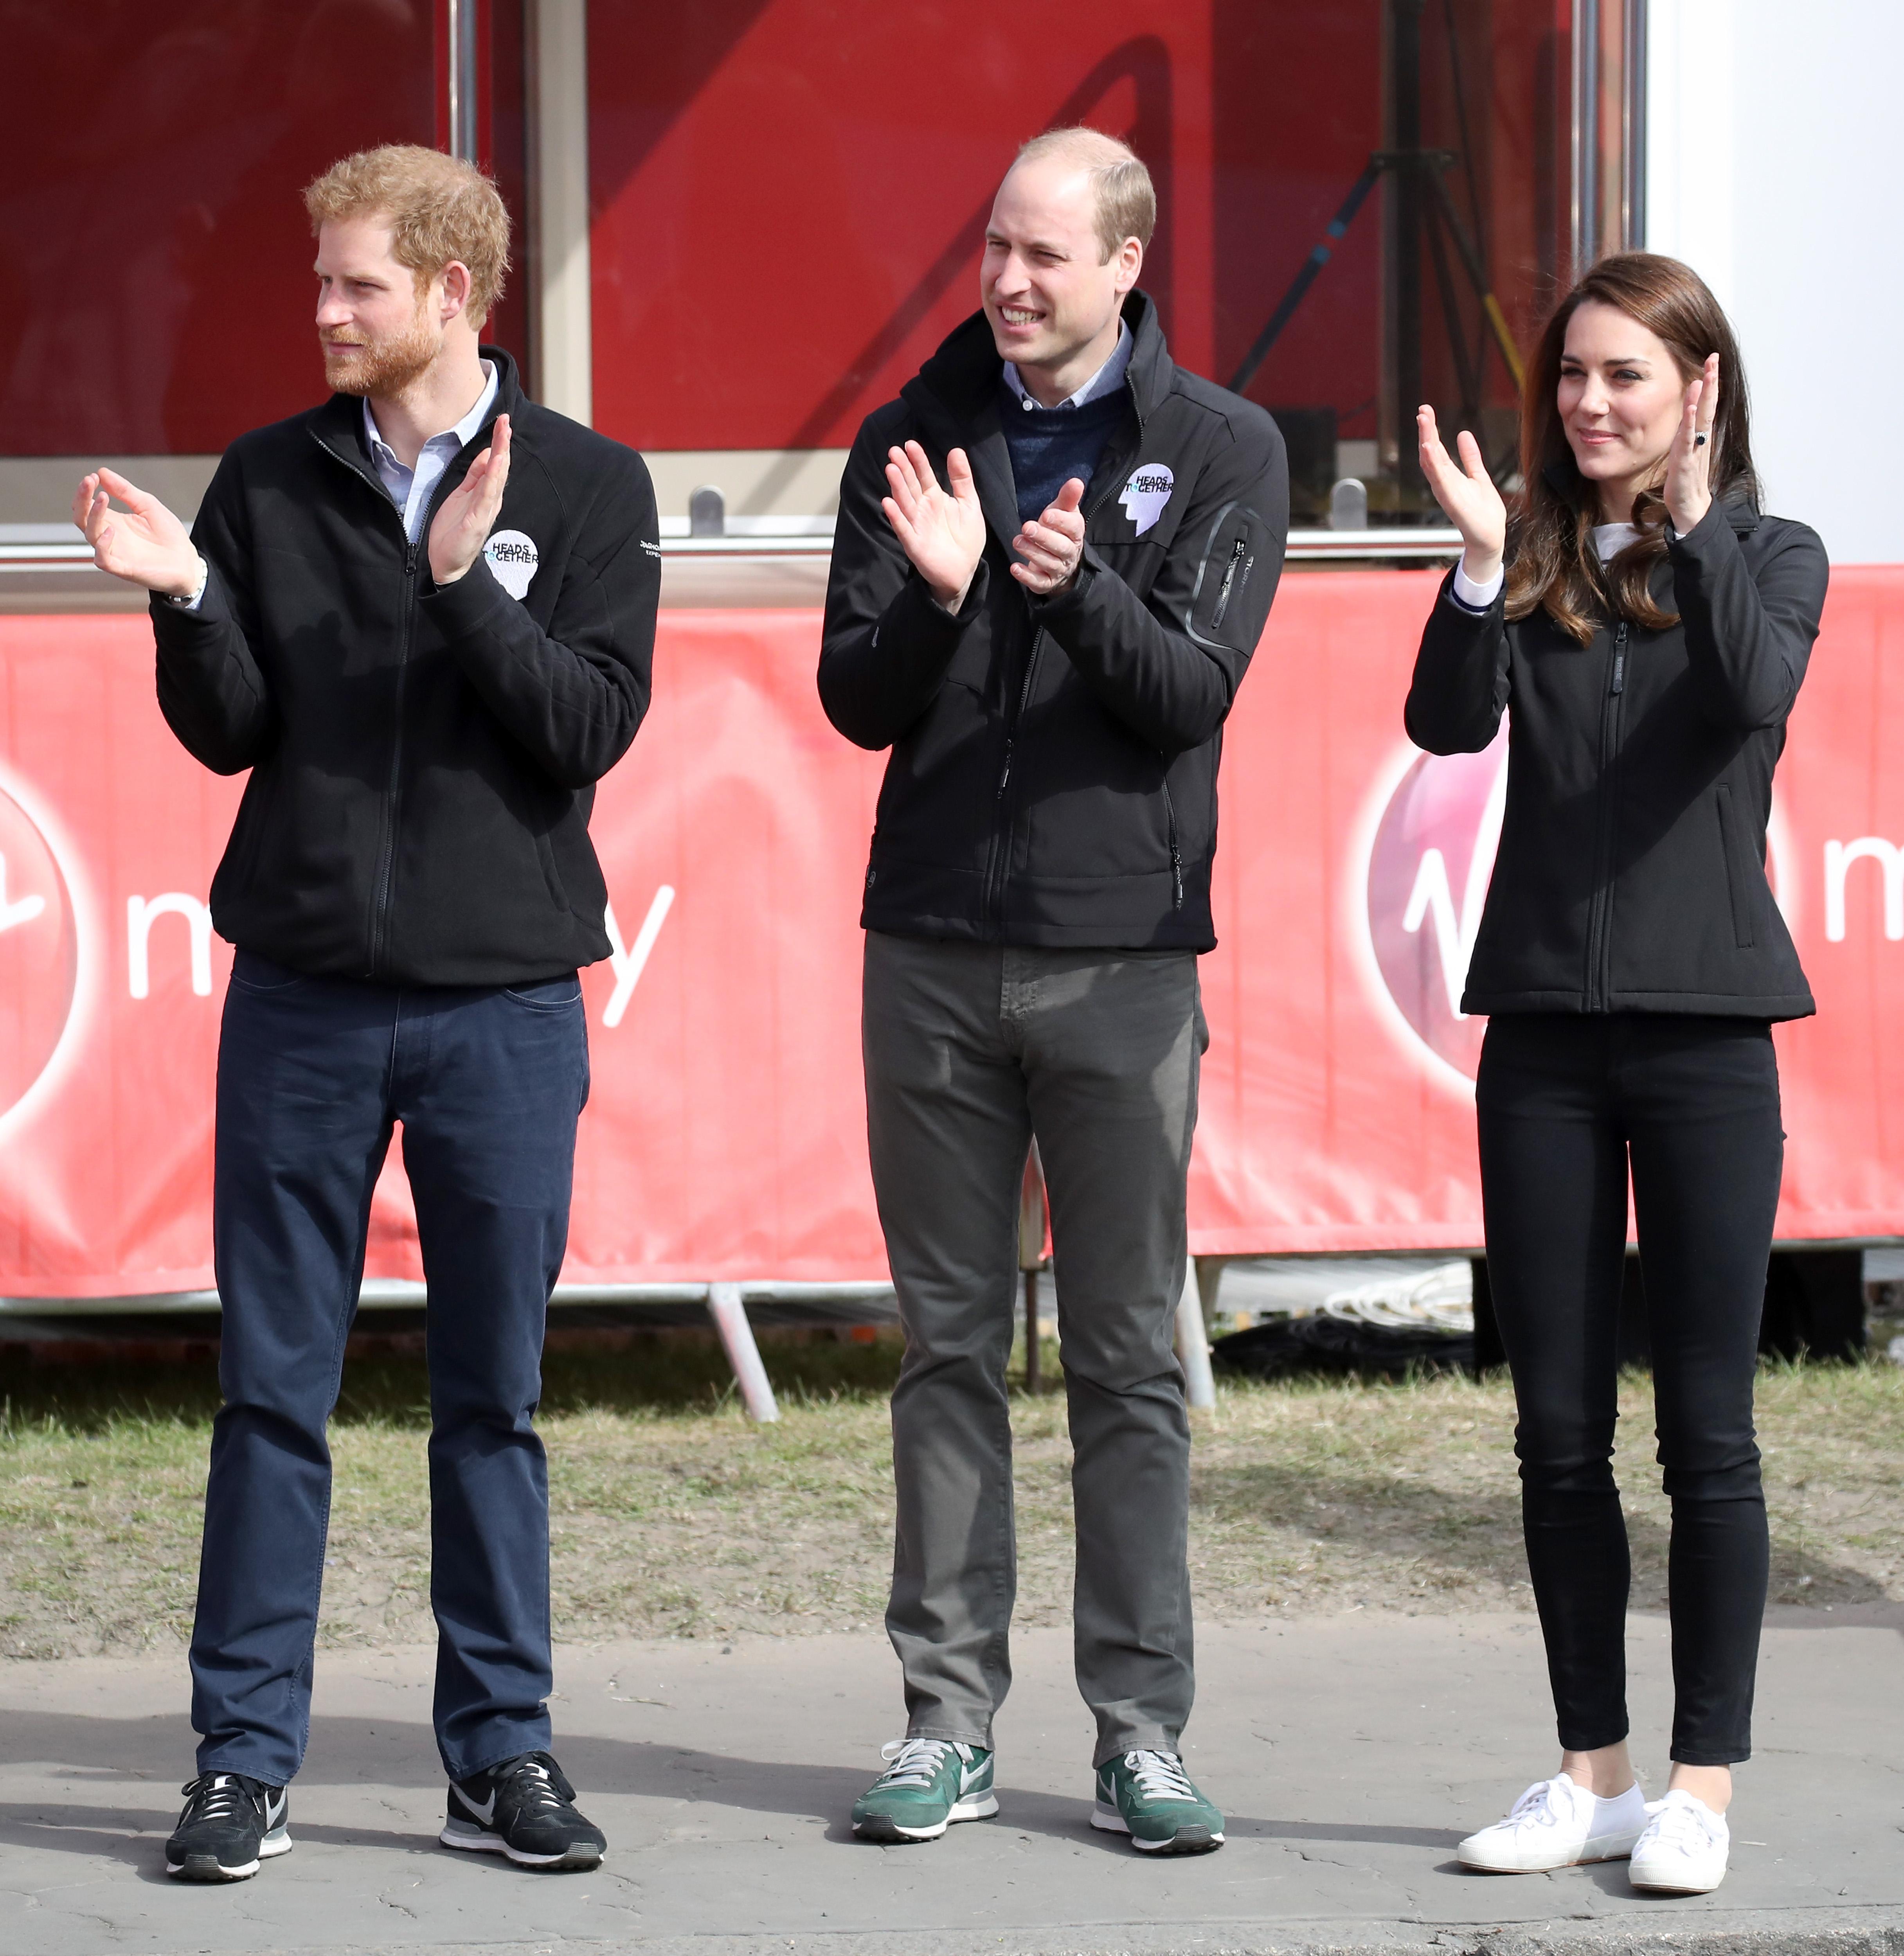 Кейт Міддлтон із принцами Уїльямом і Гаррі